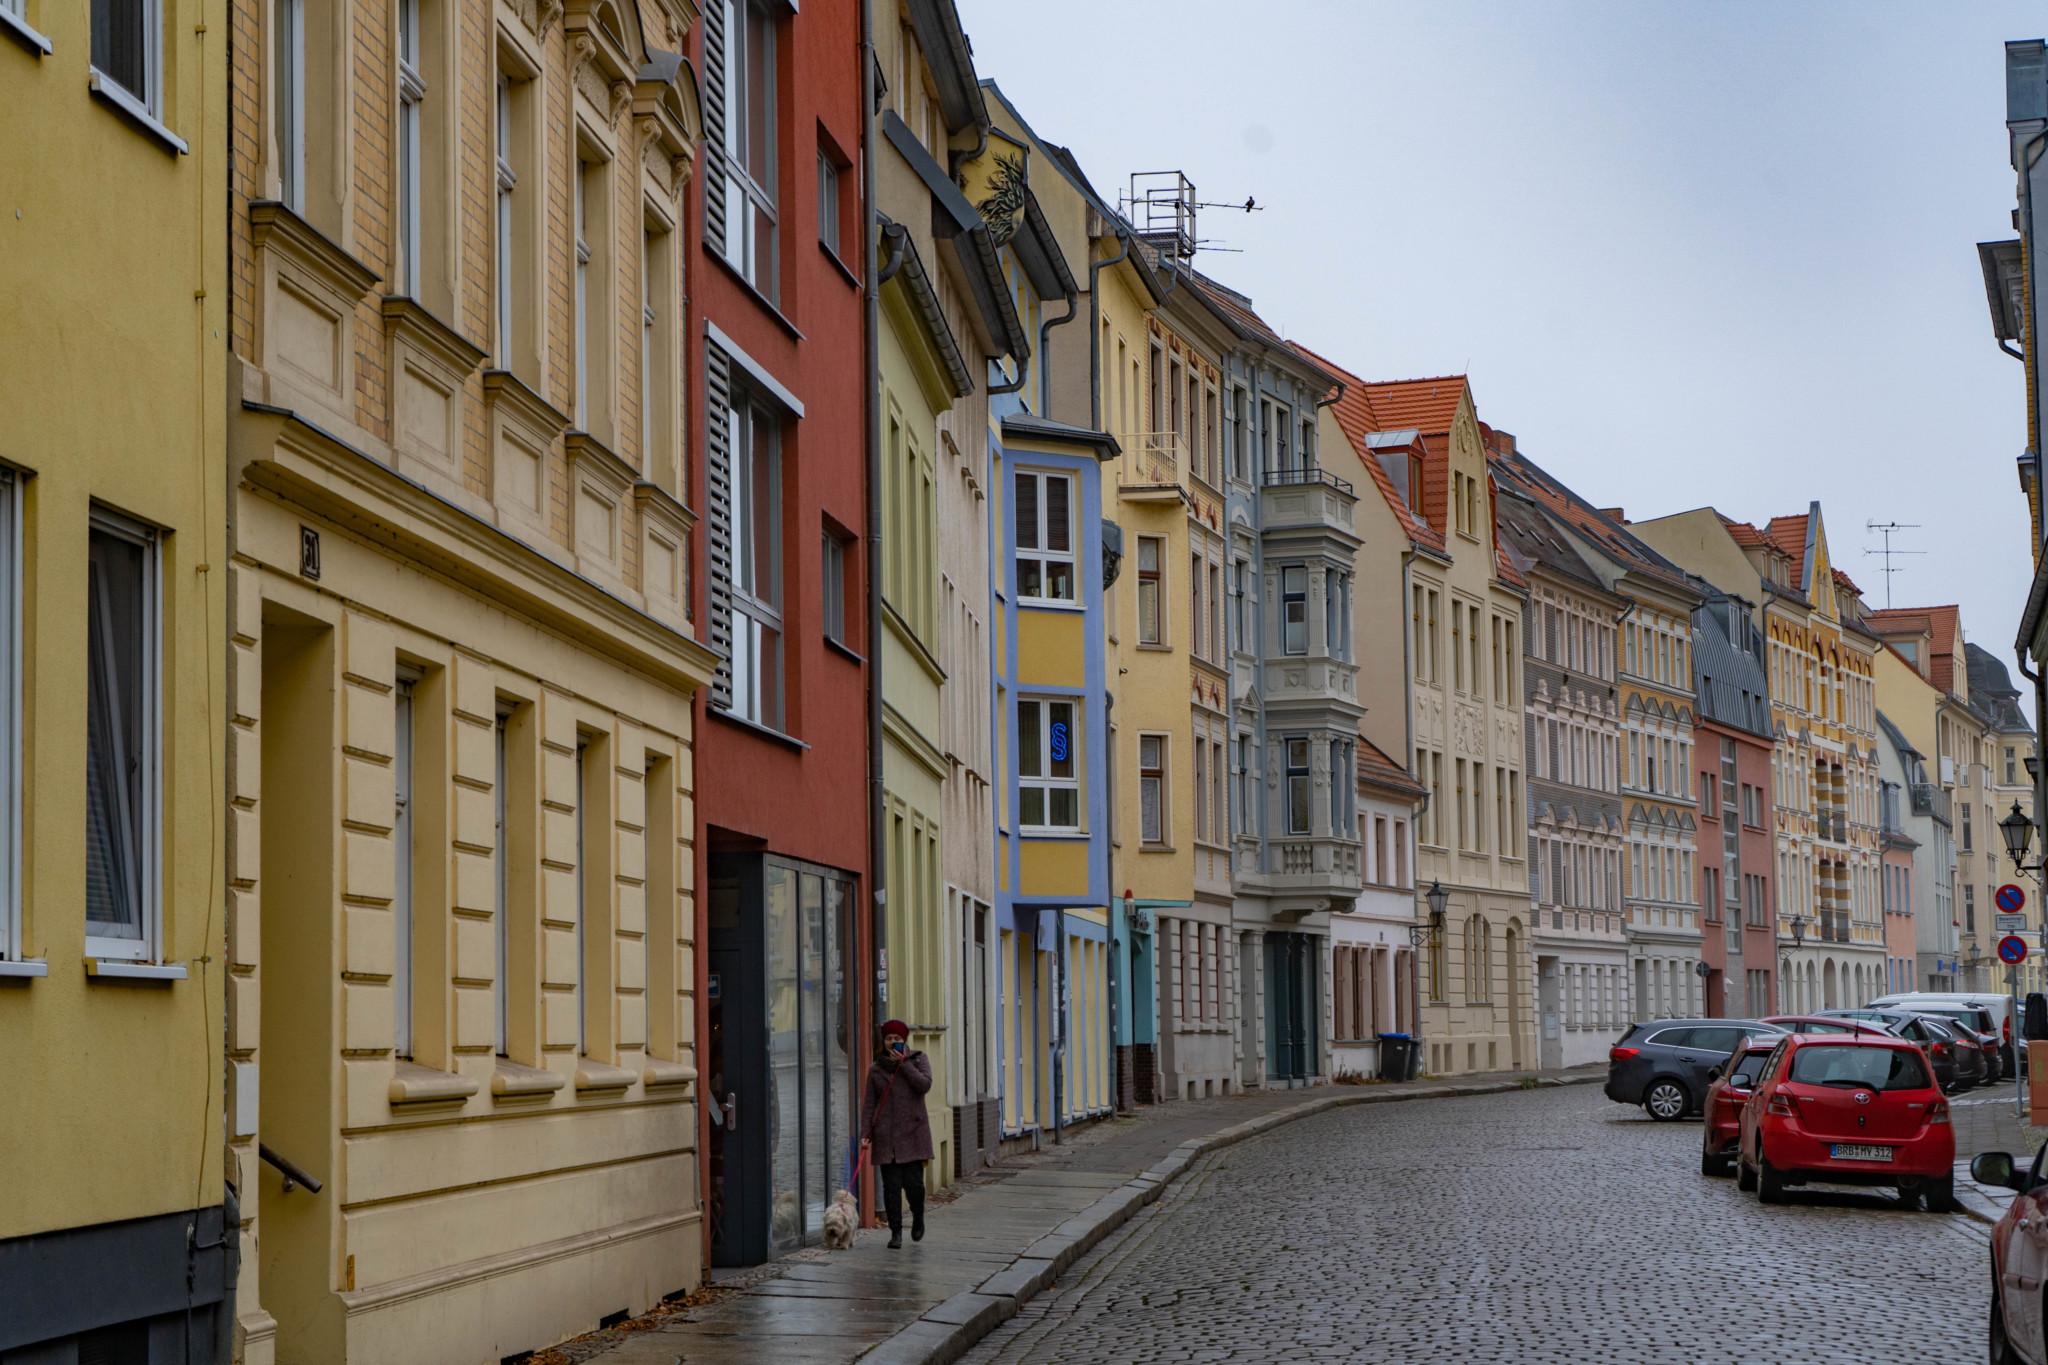 Architektur in Brandenburg an der Havel